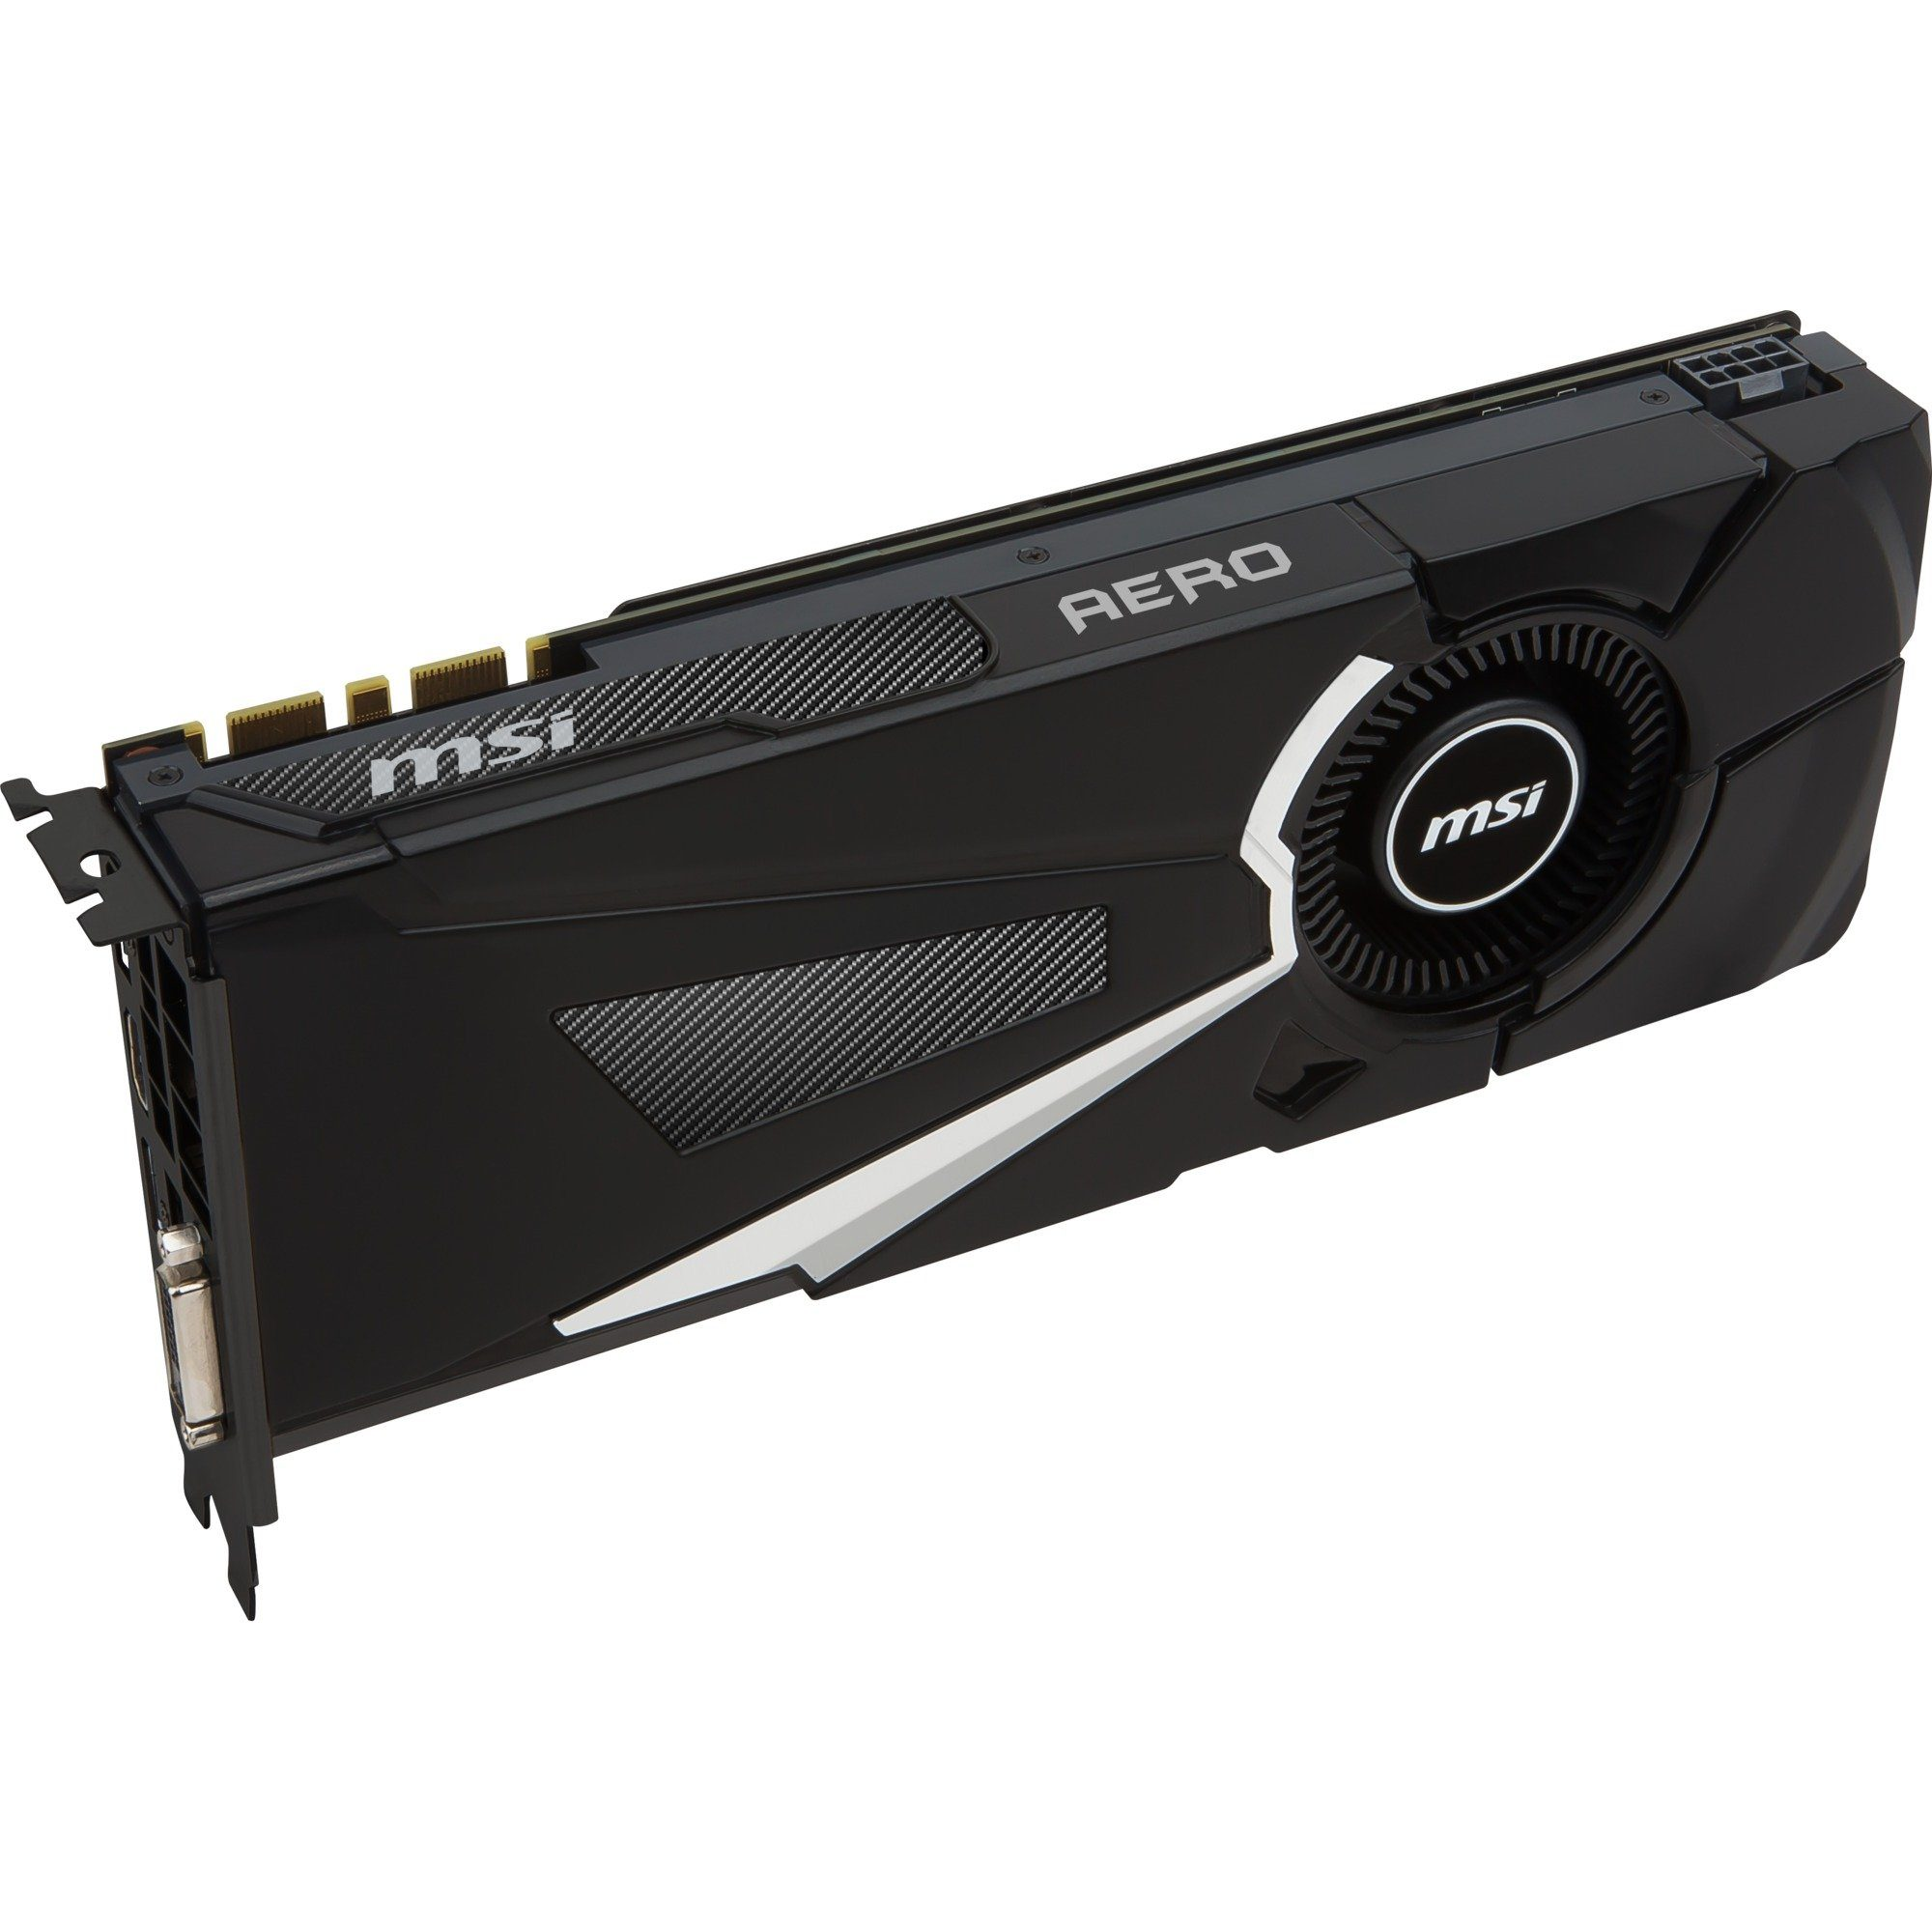 MSI Grafikkarte »GeForce GTX 1070 AERO 8G OC«